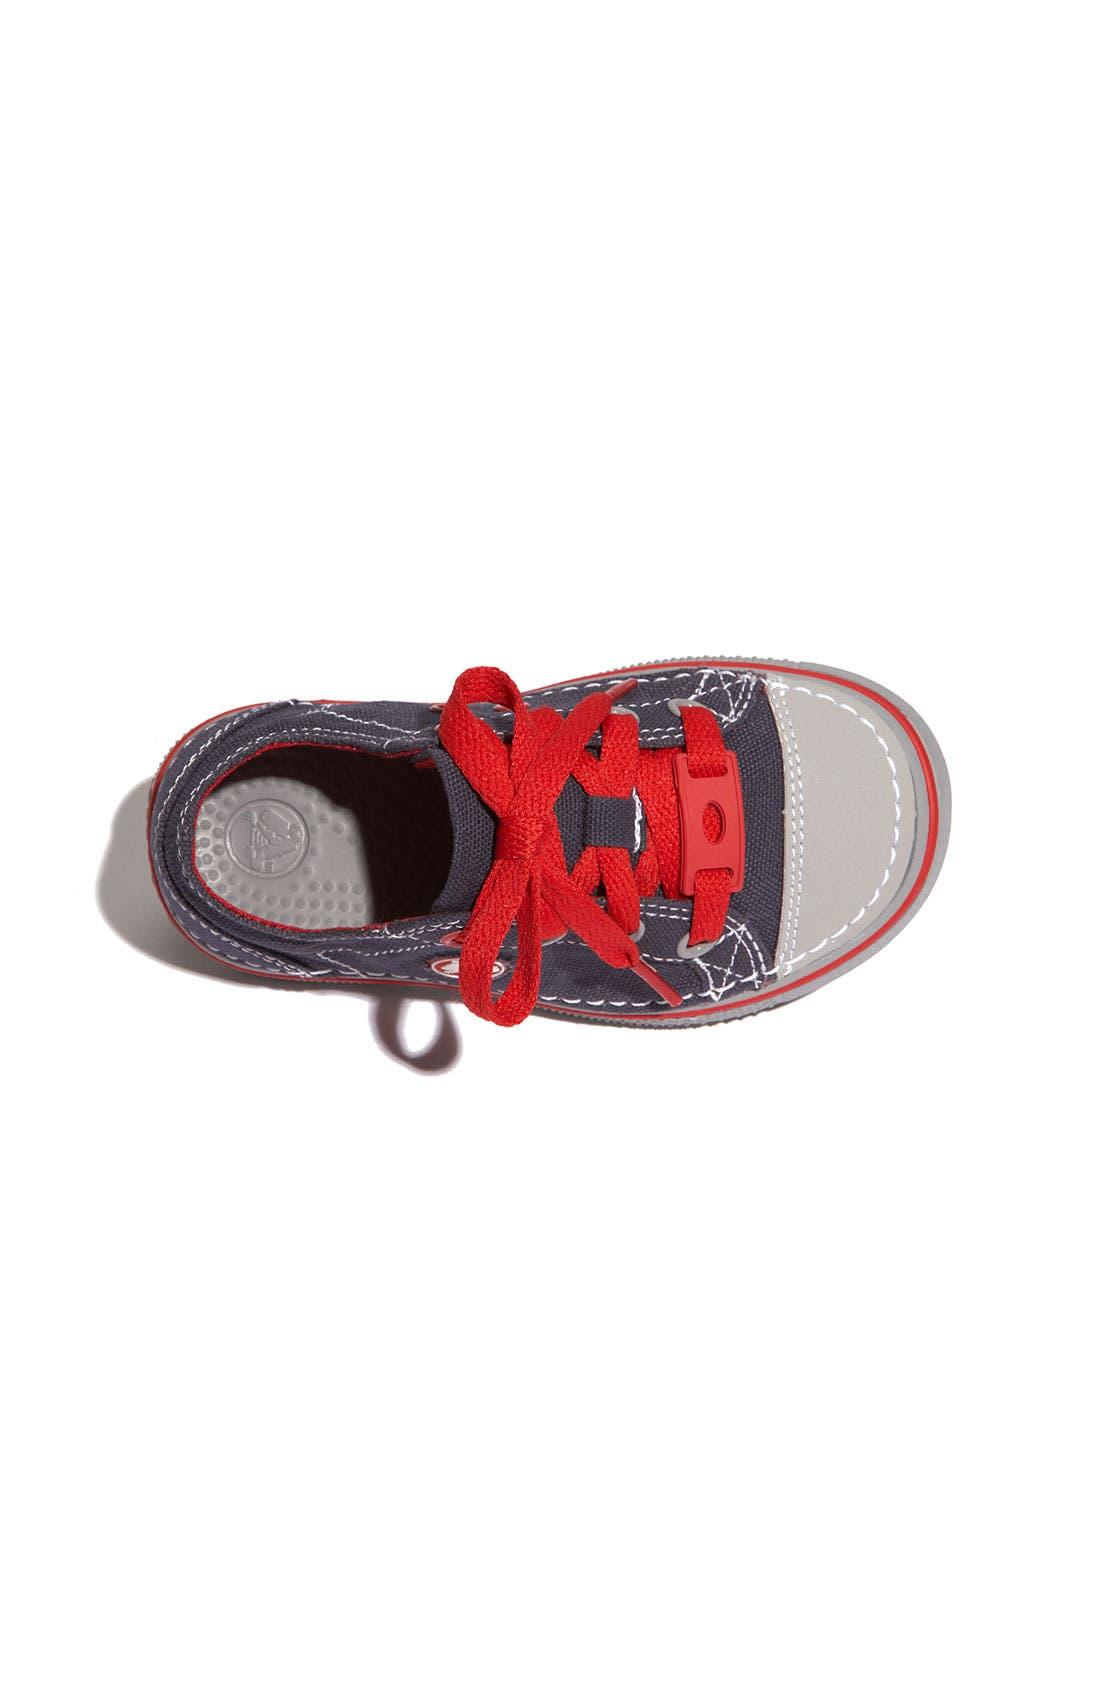 Alternate Image 3  - CROCS™ 'Hover' Sneaker (Toddler, Little Kid & Big Kid)